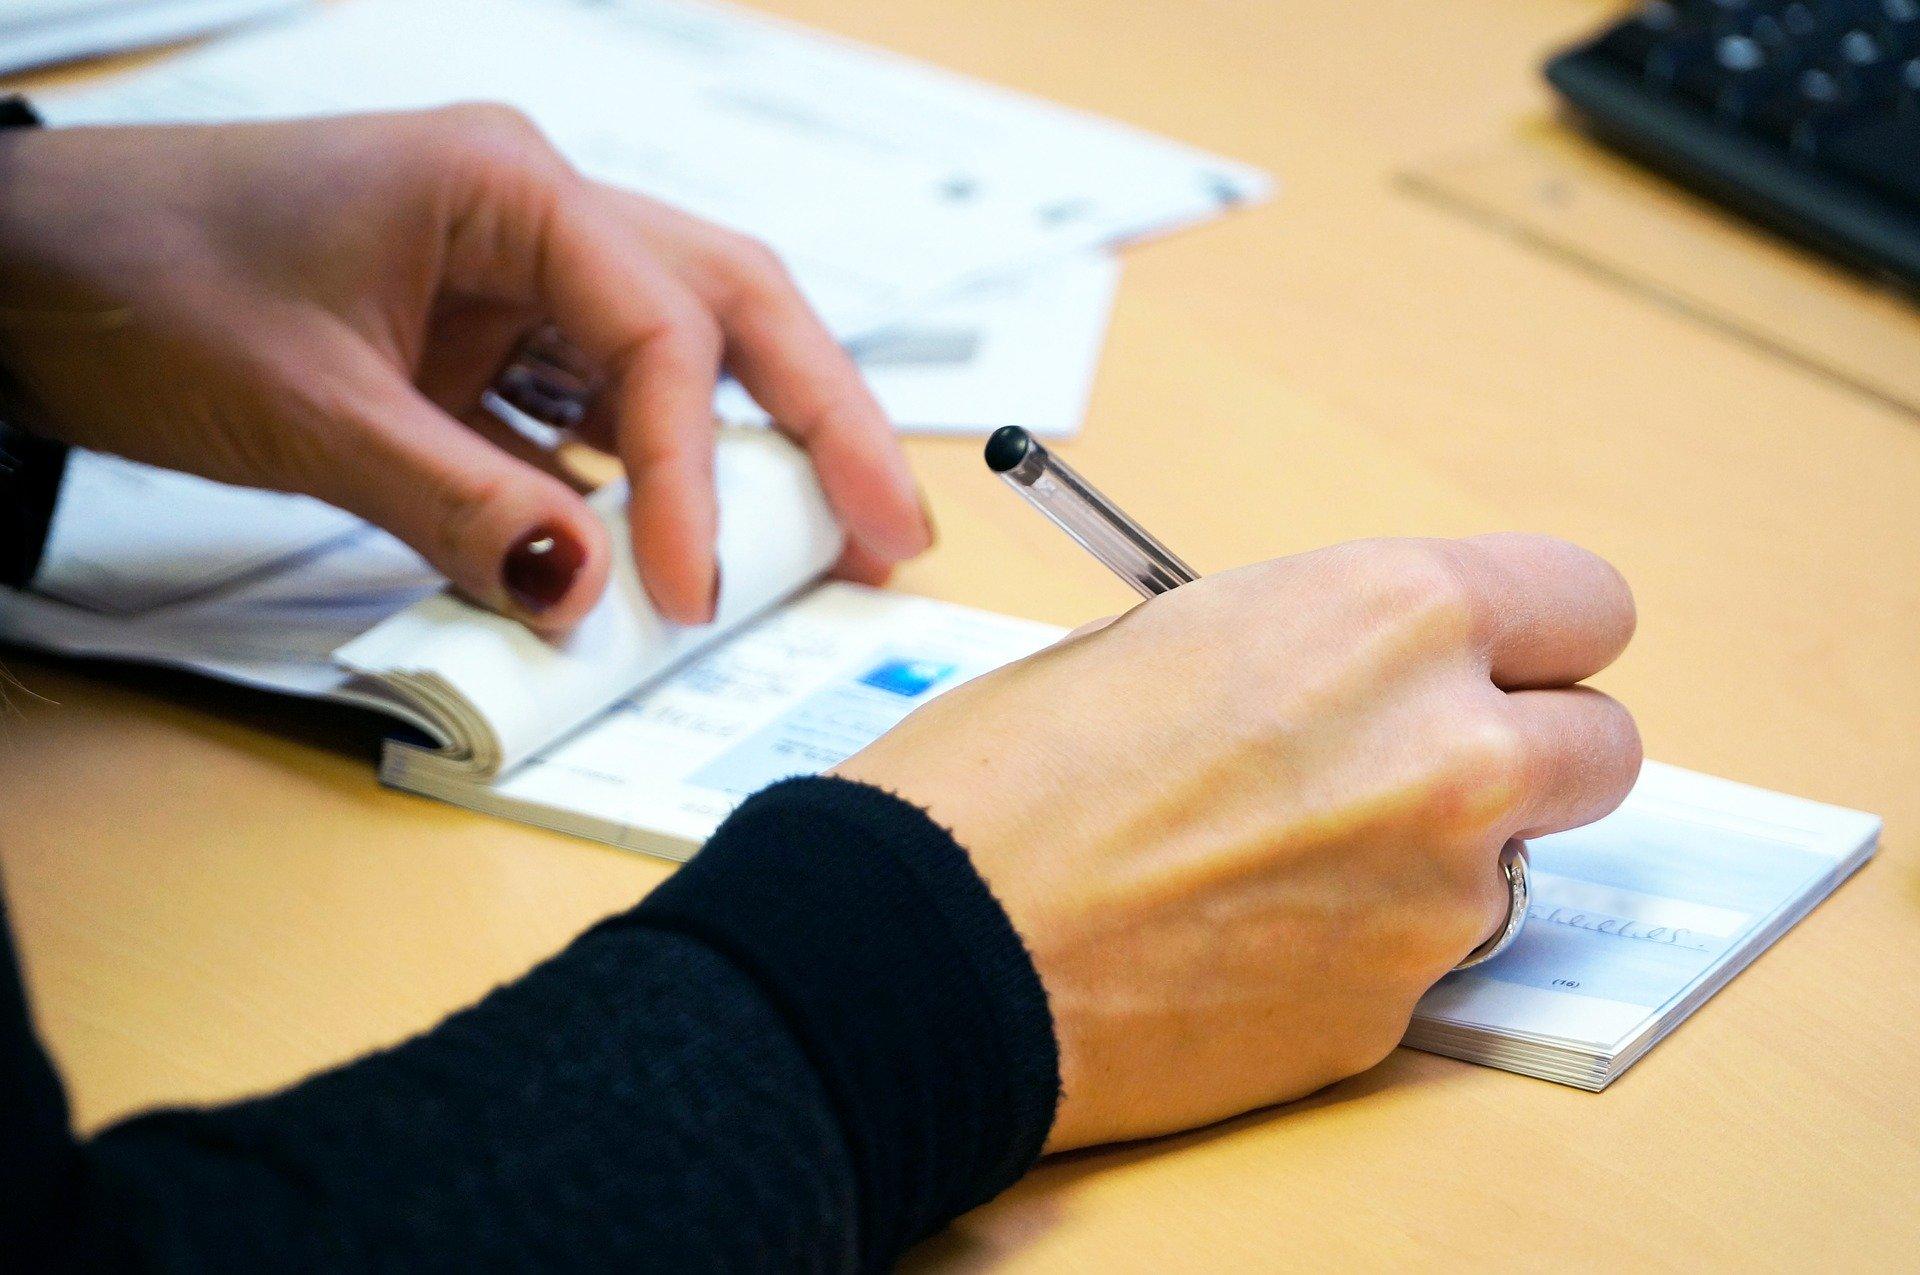 Assunzione di titolari di assegno di ricollocazione e benefici contributivi, immagine decorativa